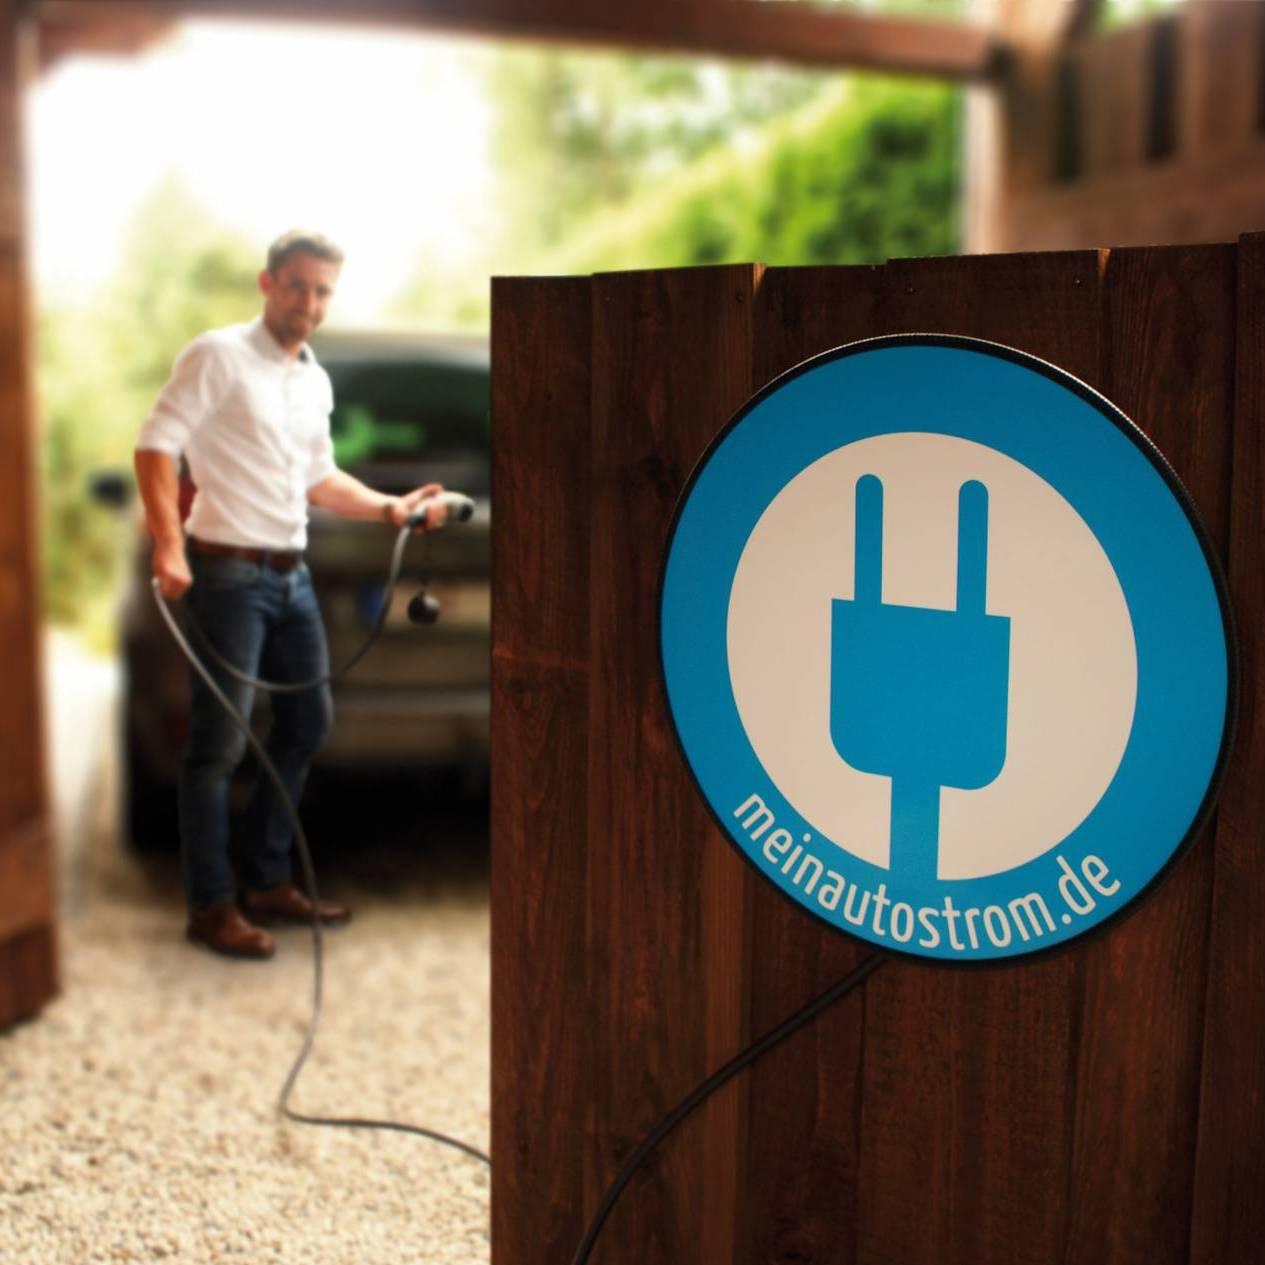 meinAutostrom-Ladebox vor Holzwand, Auto und Mann im Hintergrund